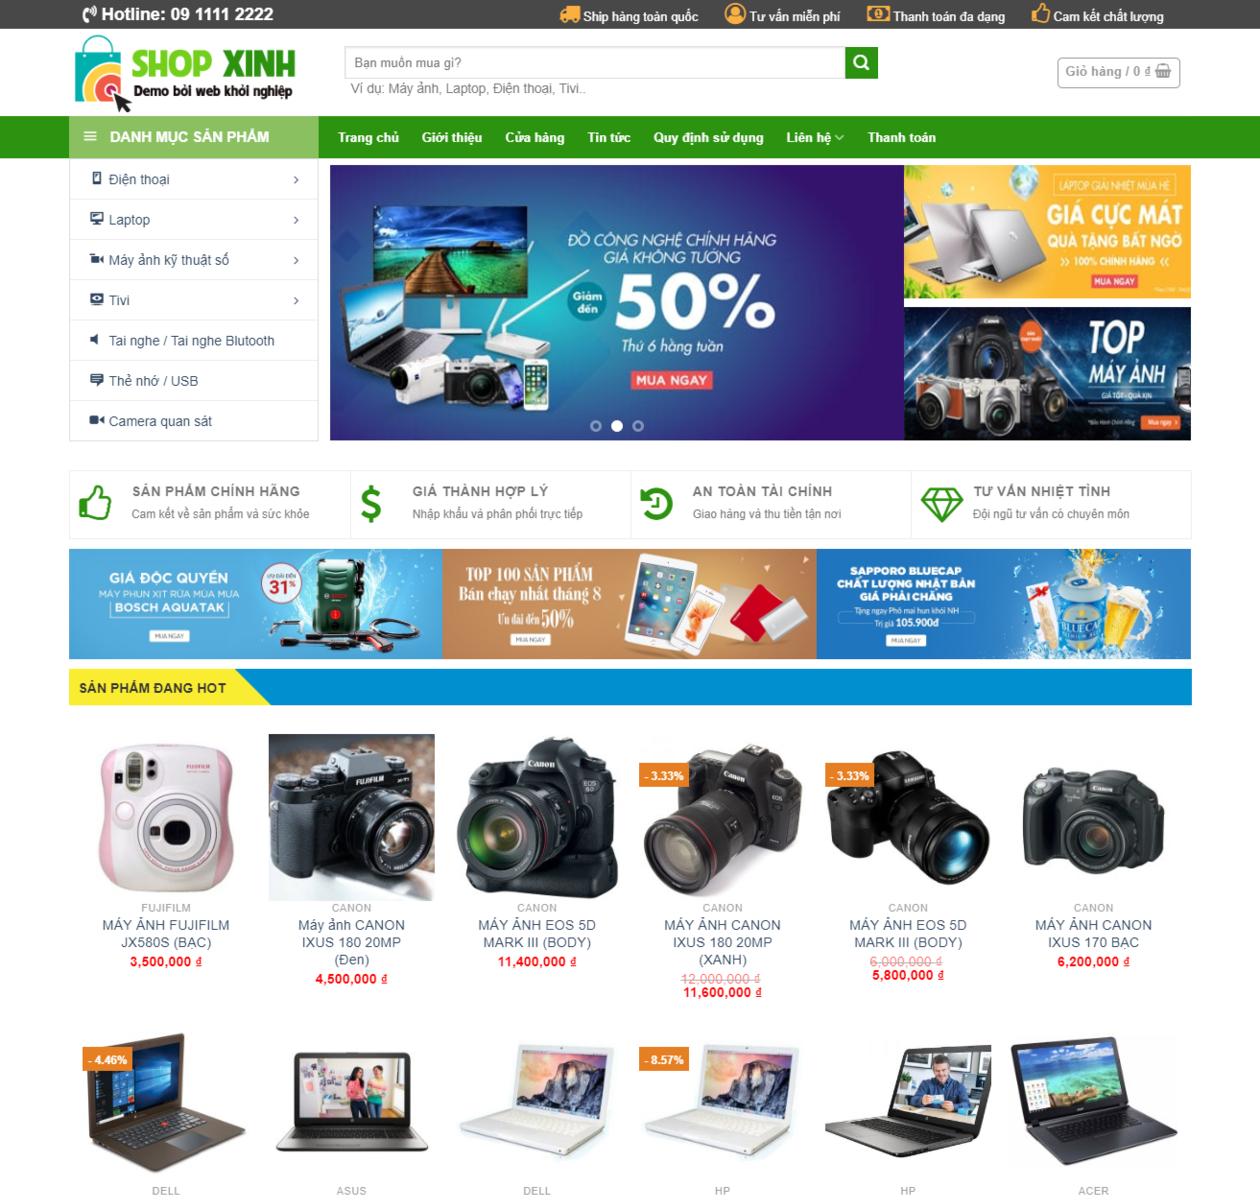 Mẫu web bán hàng công nghệ thumbnail